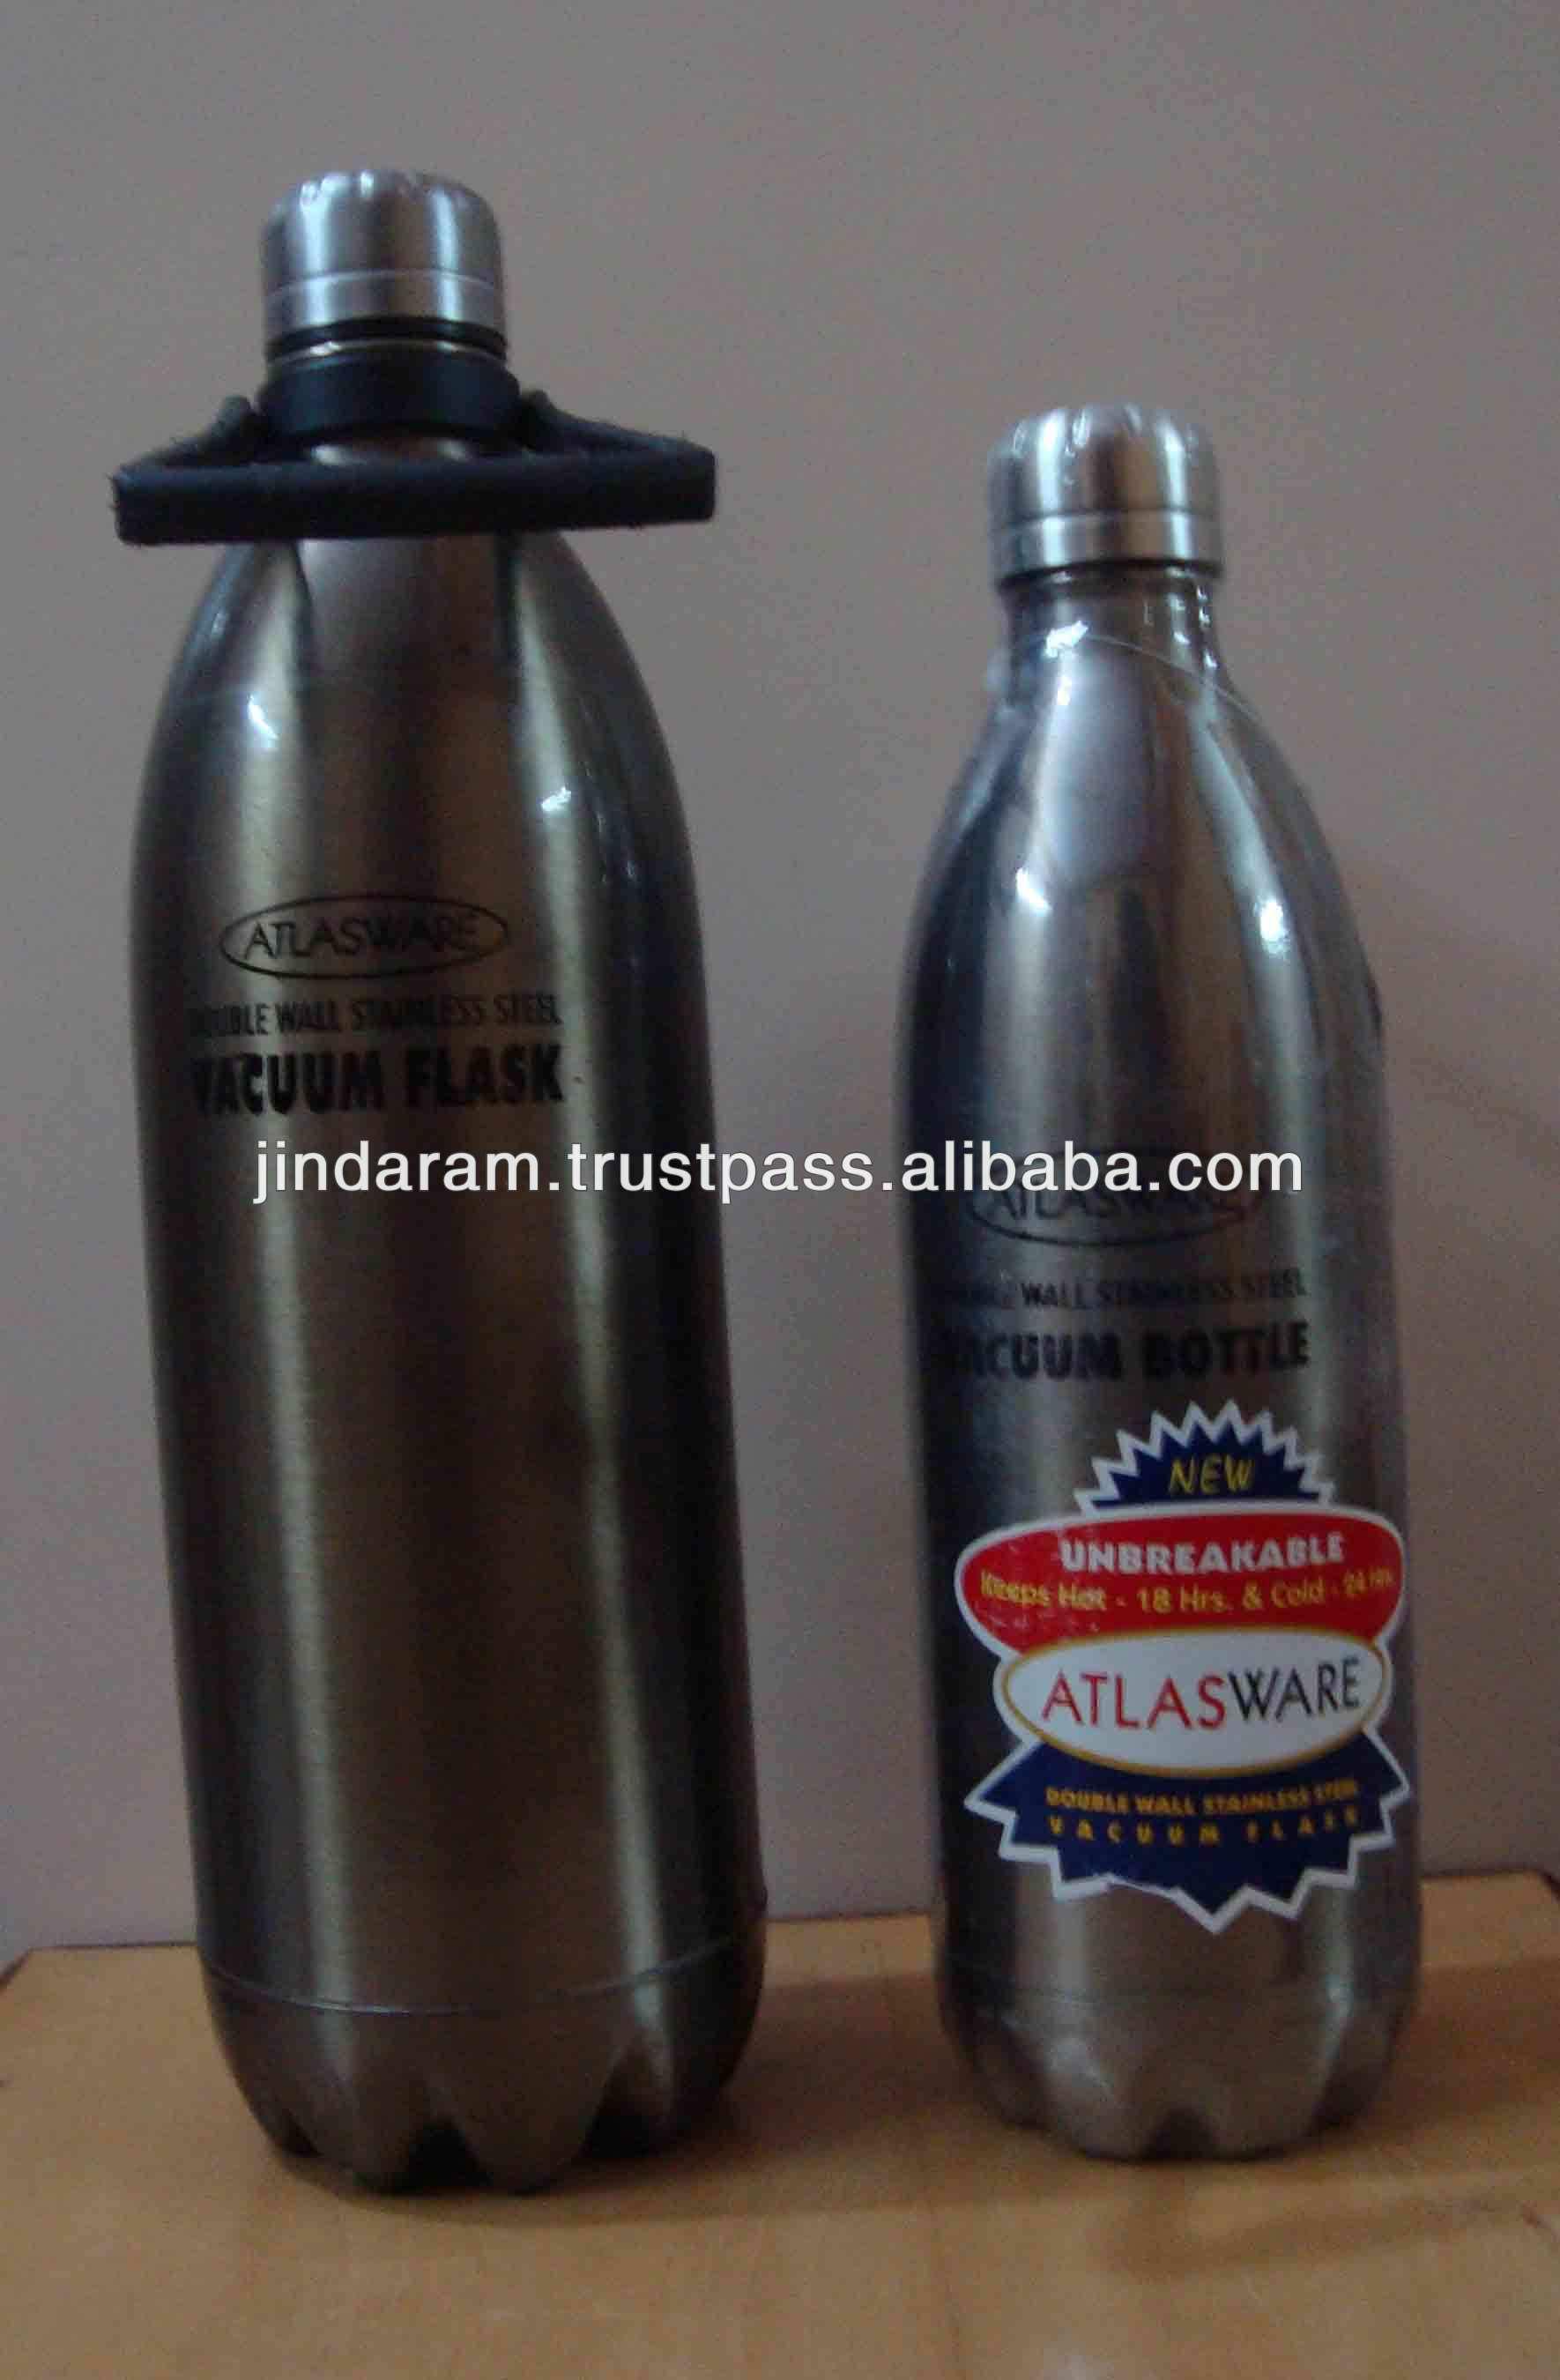 atlasware water bottle.jpg